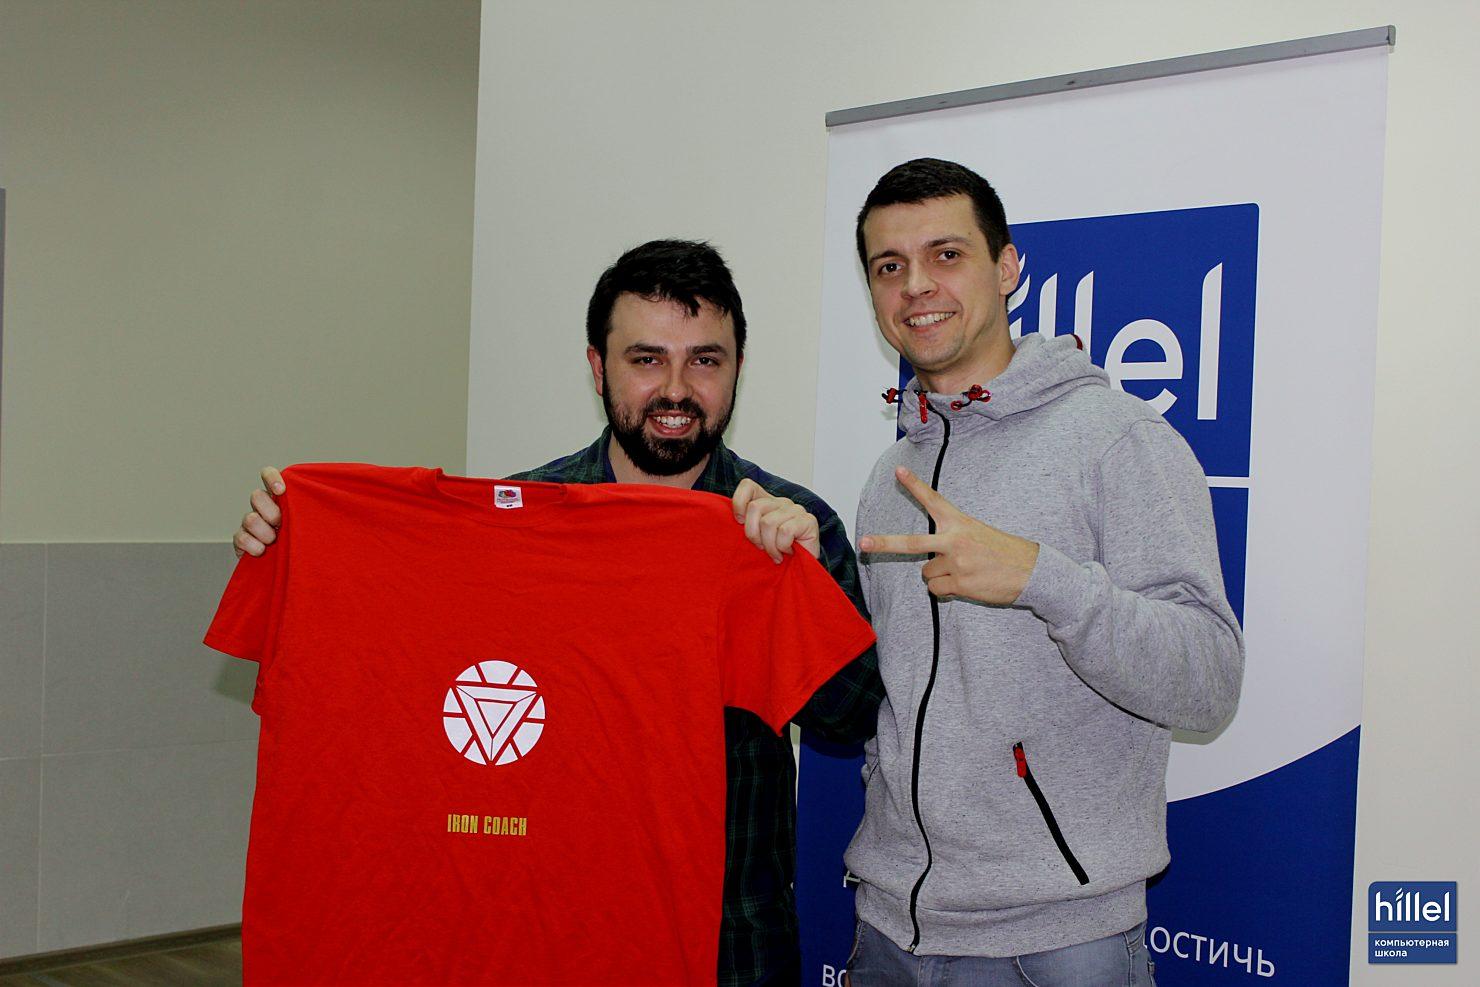 Новости школы: Выпускной групп Front-End Basic, Front-End Pro, PHP, PM и SMM в Одессе. Преподаватели пошли на «повышение»